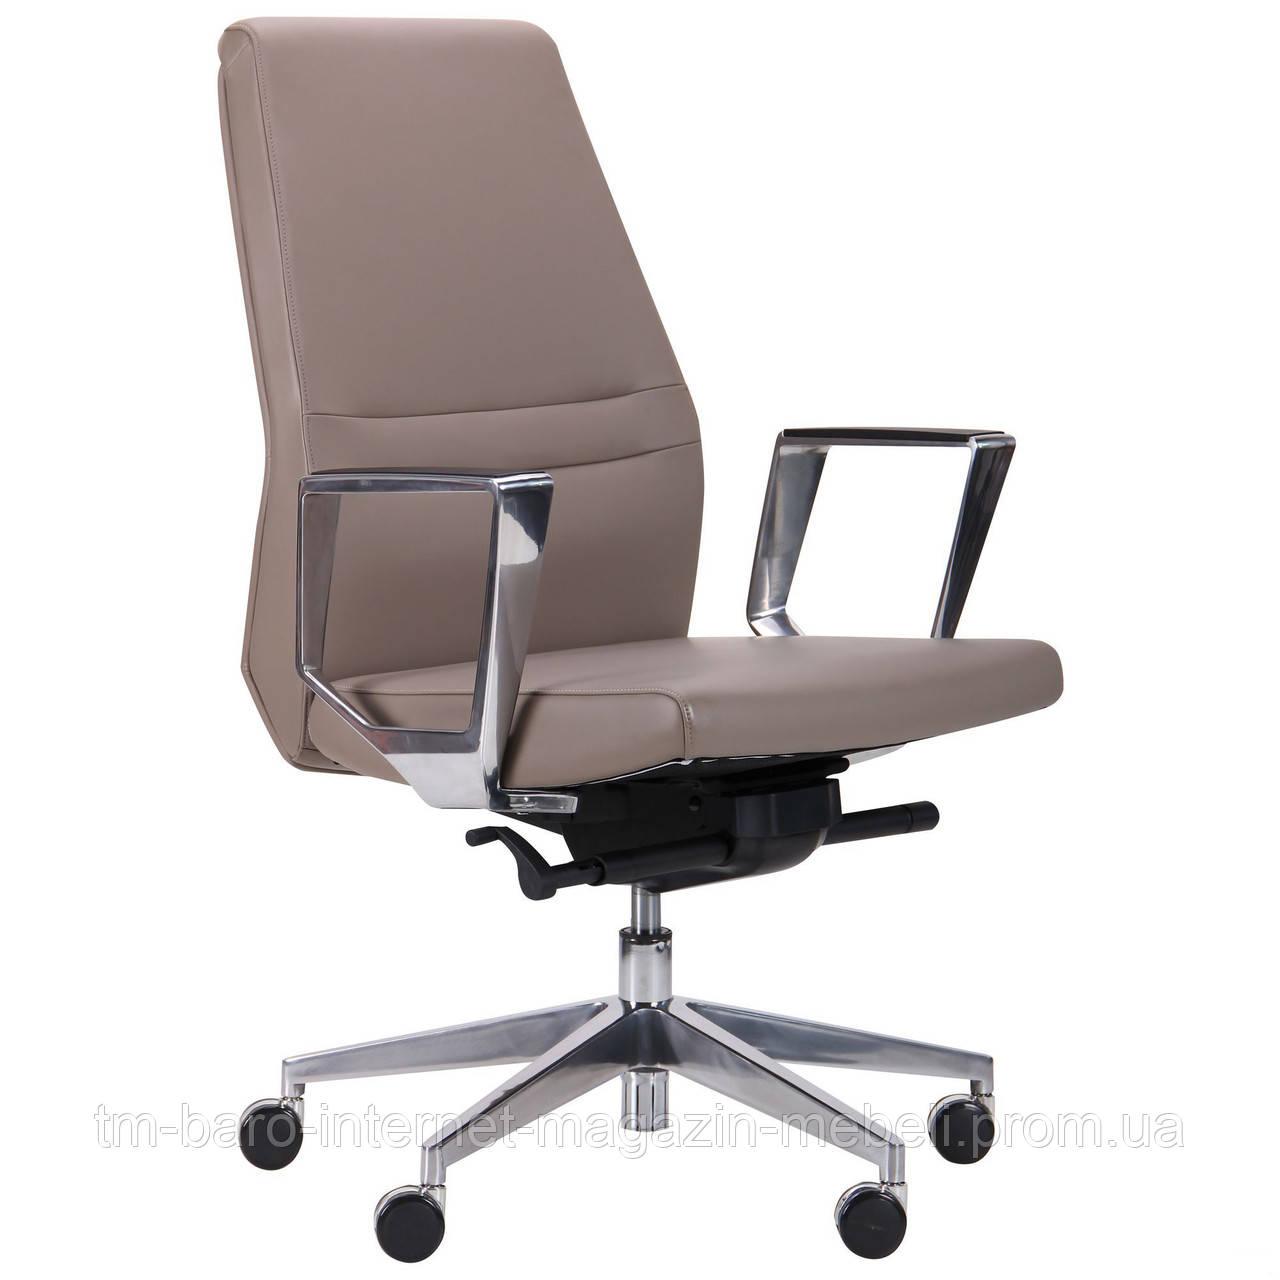 Кресло Larry LB Light Grey (Лари), светло-серый